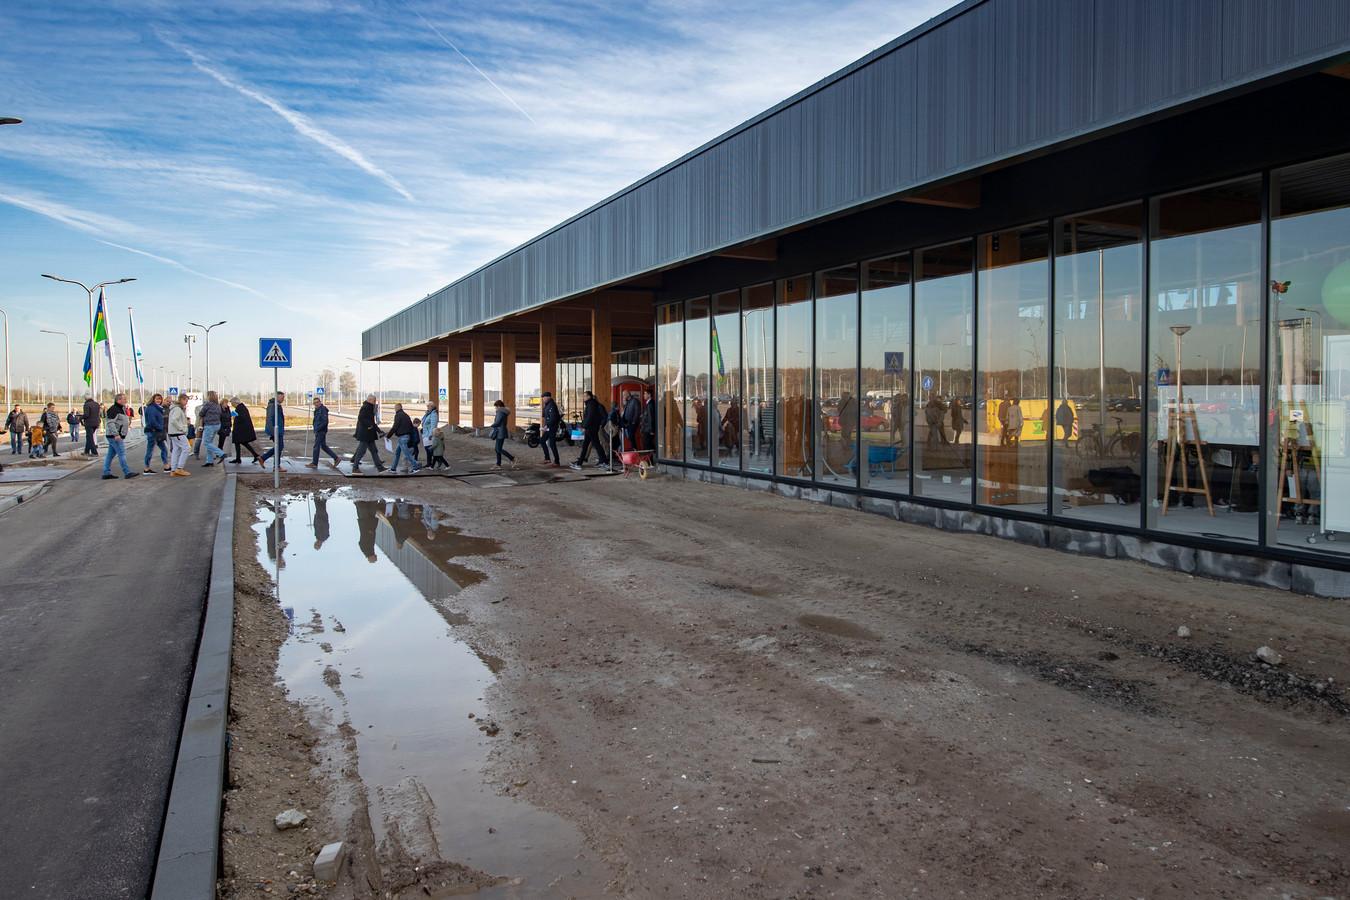 Vervoerder Arriva gaat een Airport Express busdienst opzetten tussen de nieuwe terminal van Lelystad Airport en het station in Lelystad.